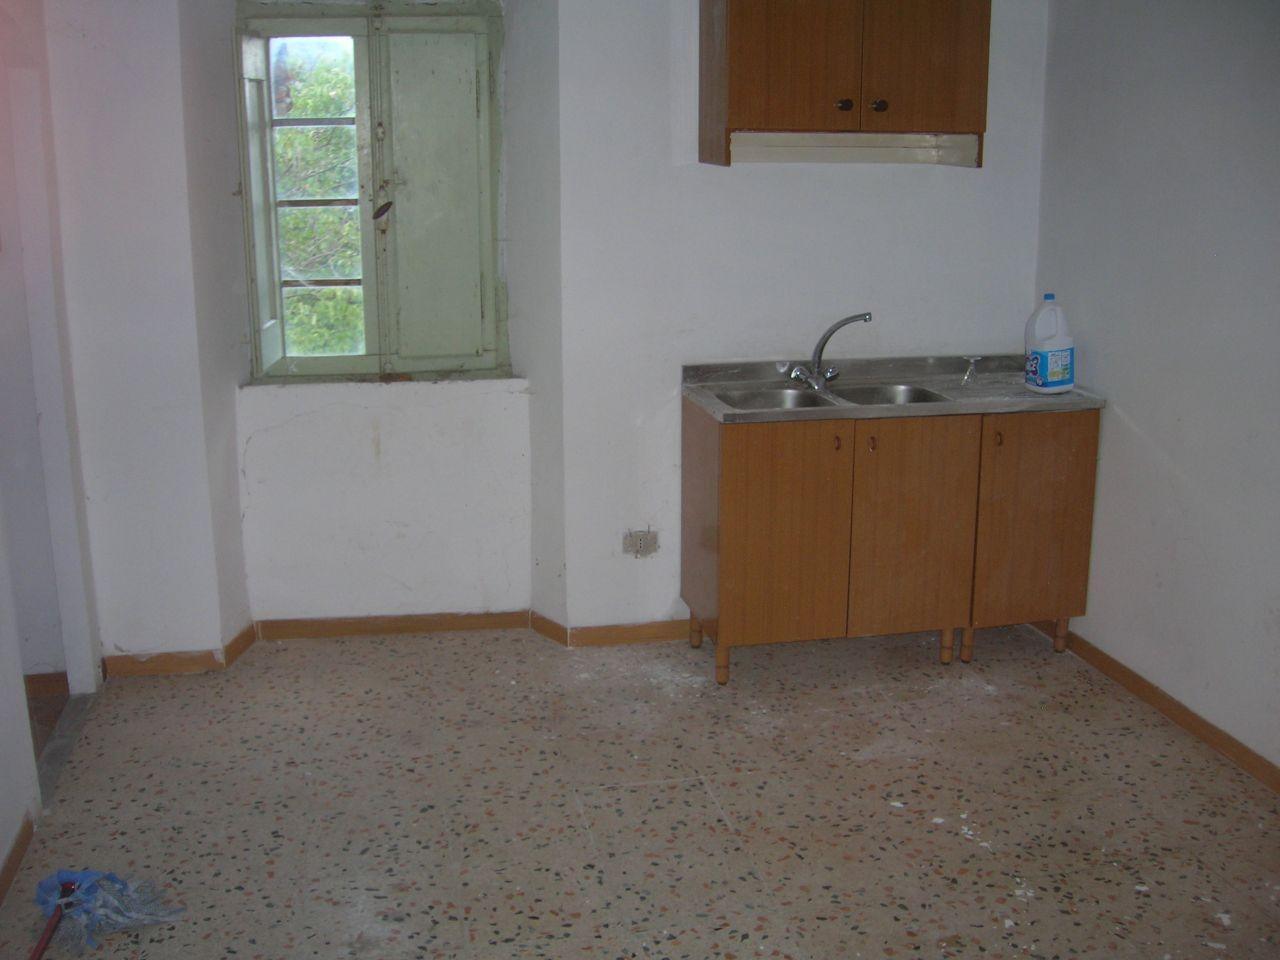 Soluzione Indipendente in vendita a Ascoli Piceno, 9999 locali, zona Zona: Venagrande, prezzo € 95.000 | Cambio Casa.it